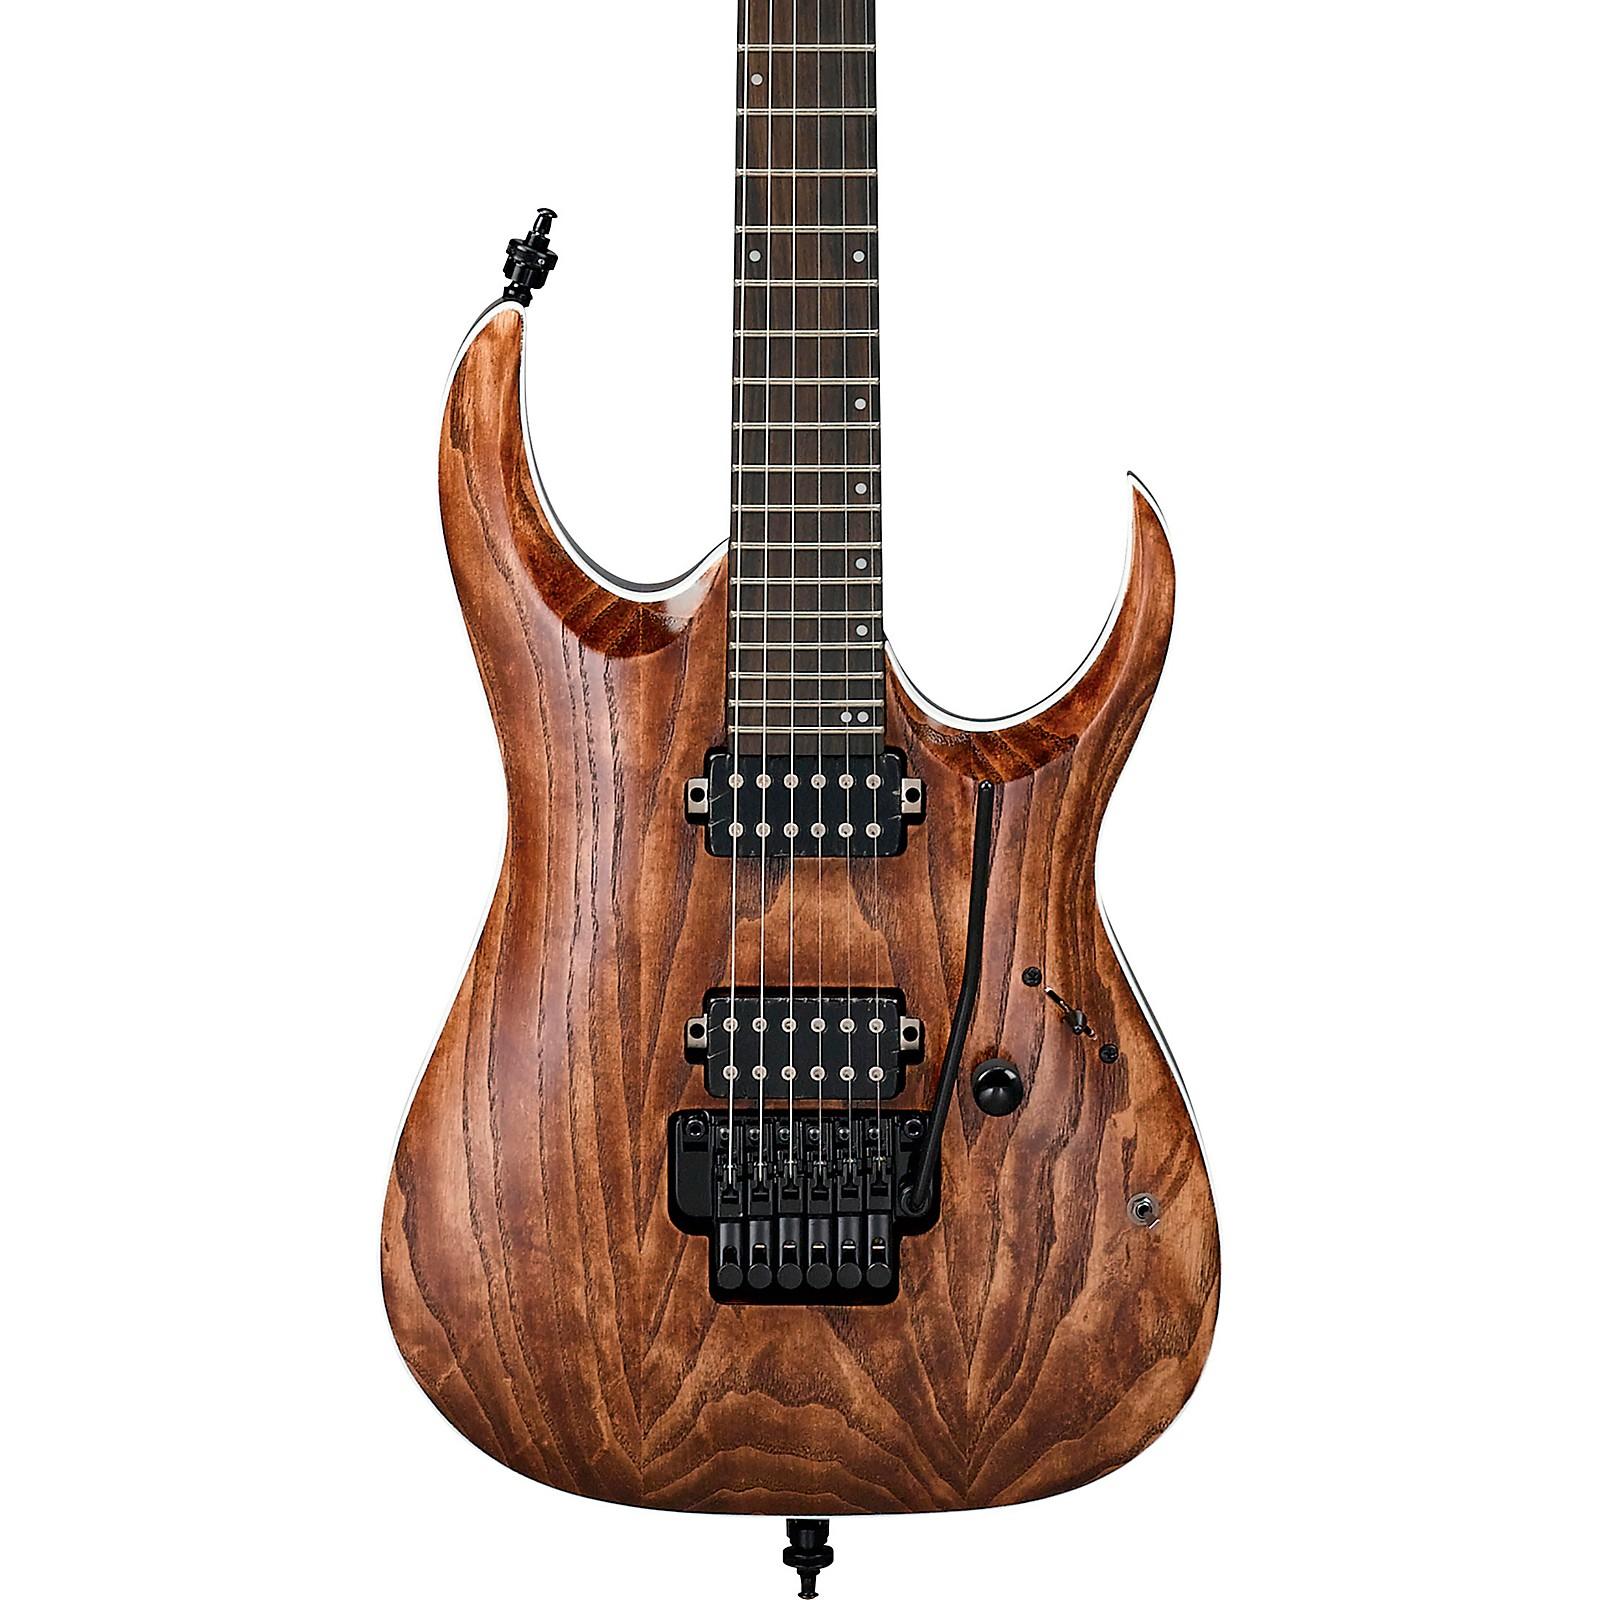 Ibanez RGA60AL Axion Label Electric Guitar